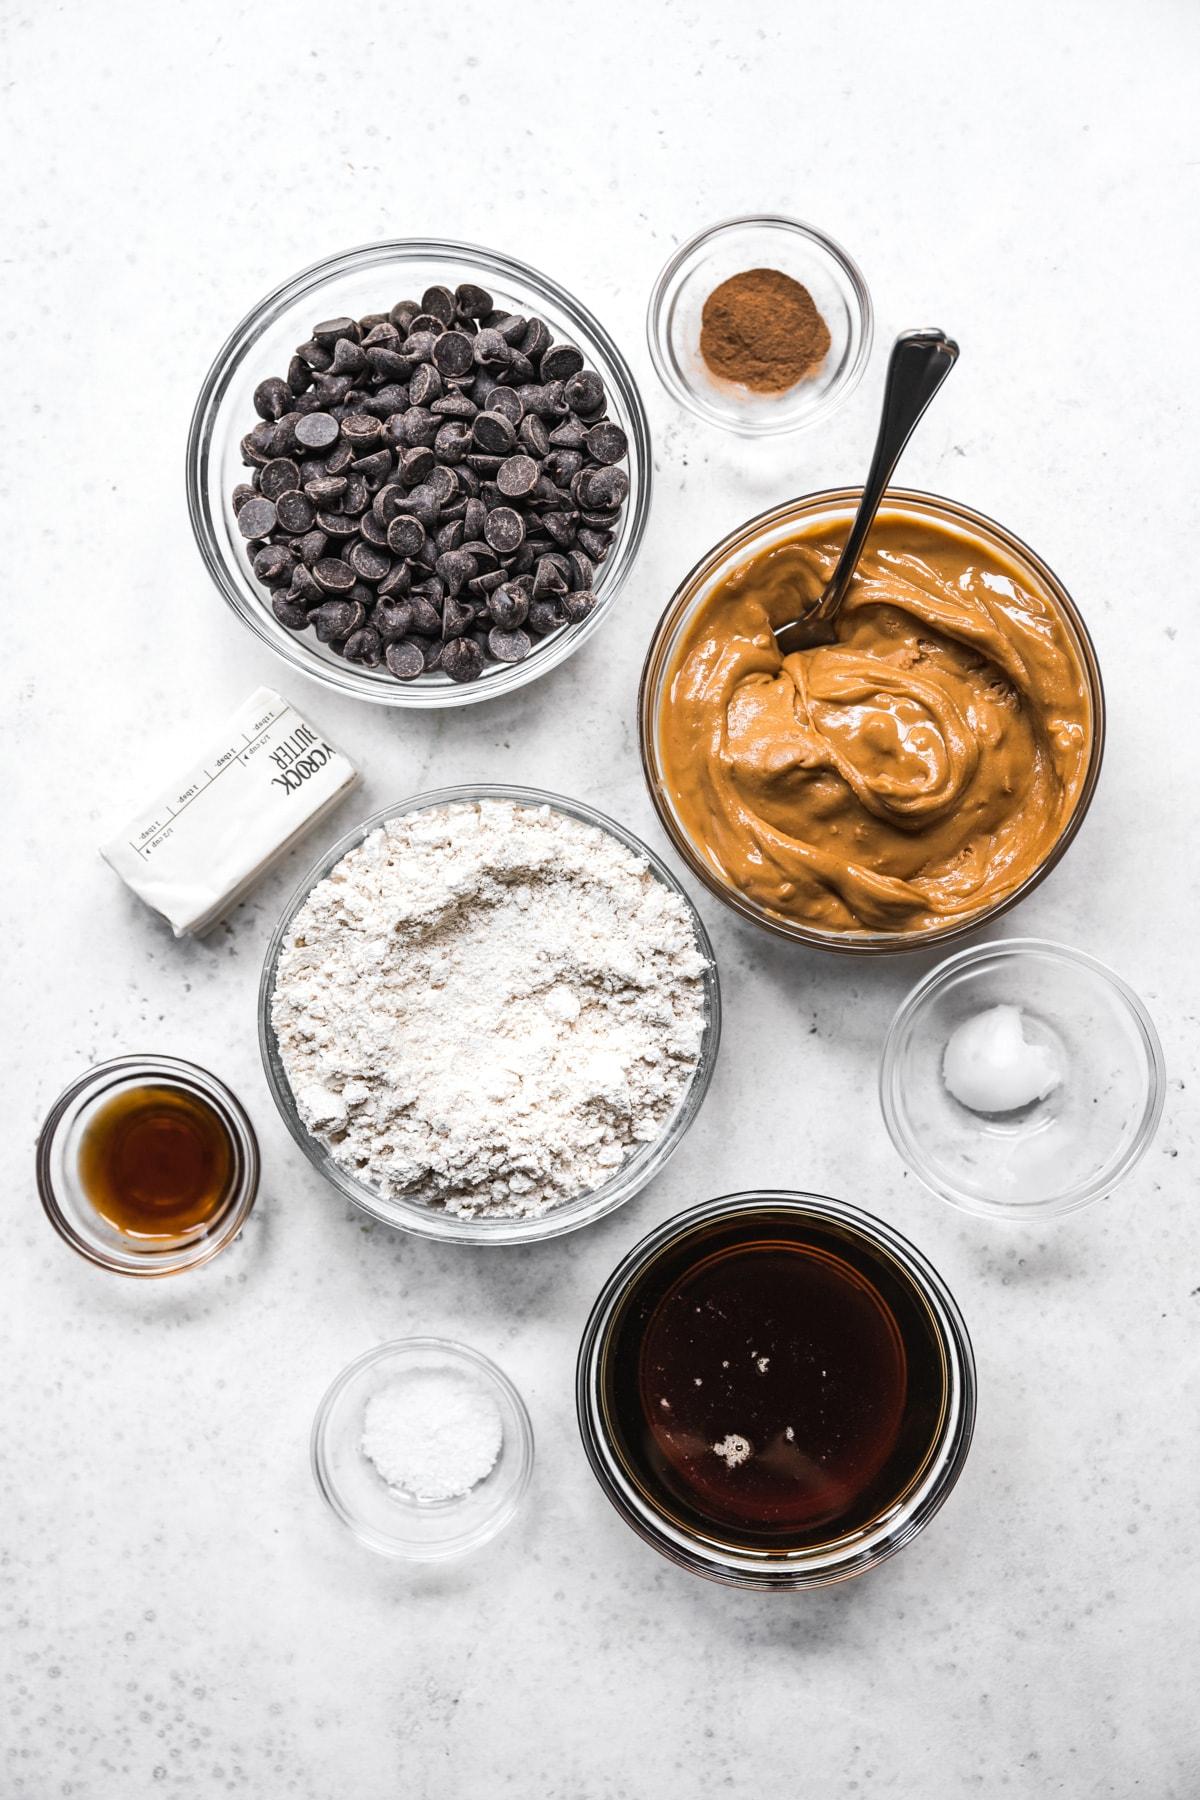 overhead view of ingredients for vegan buckeyes.